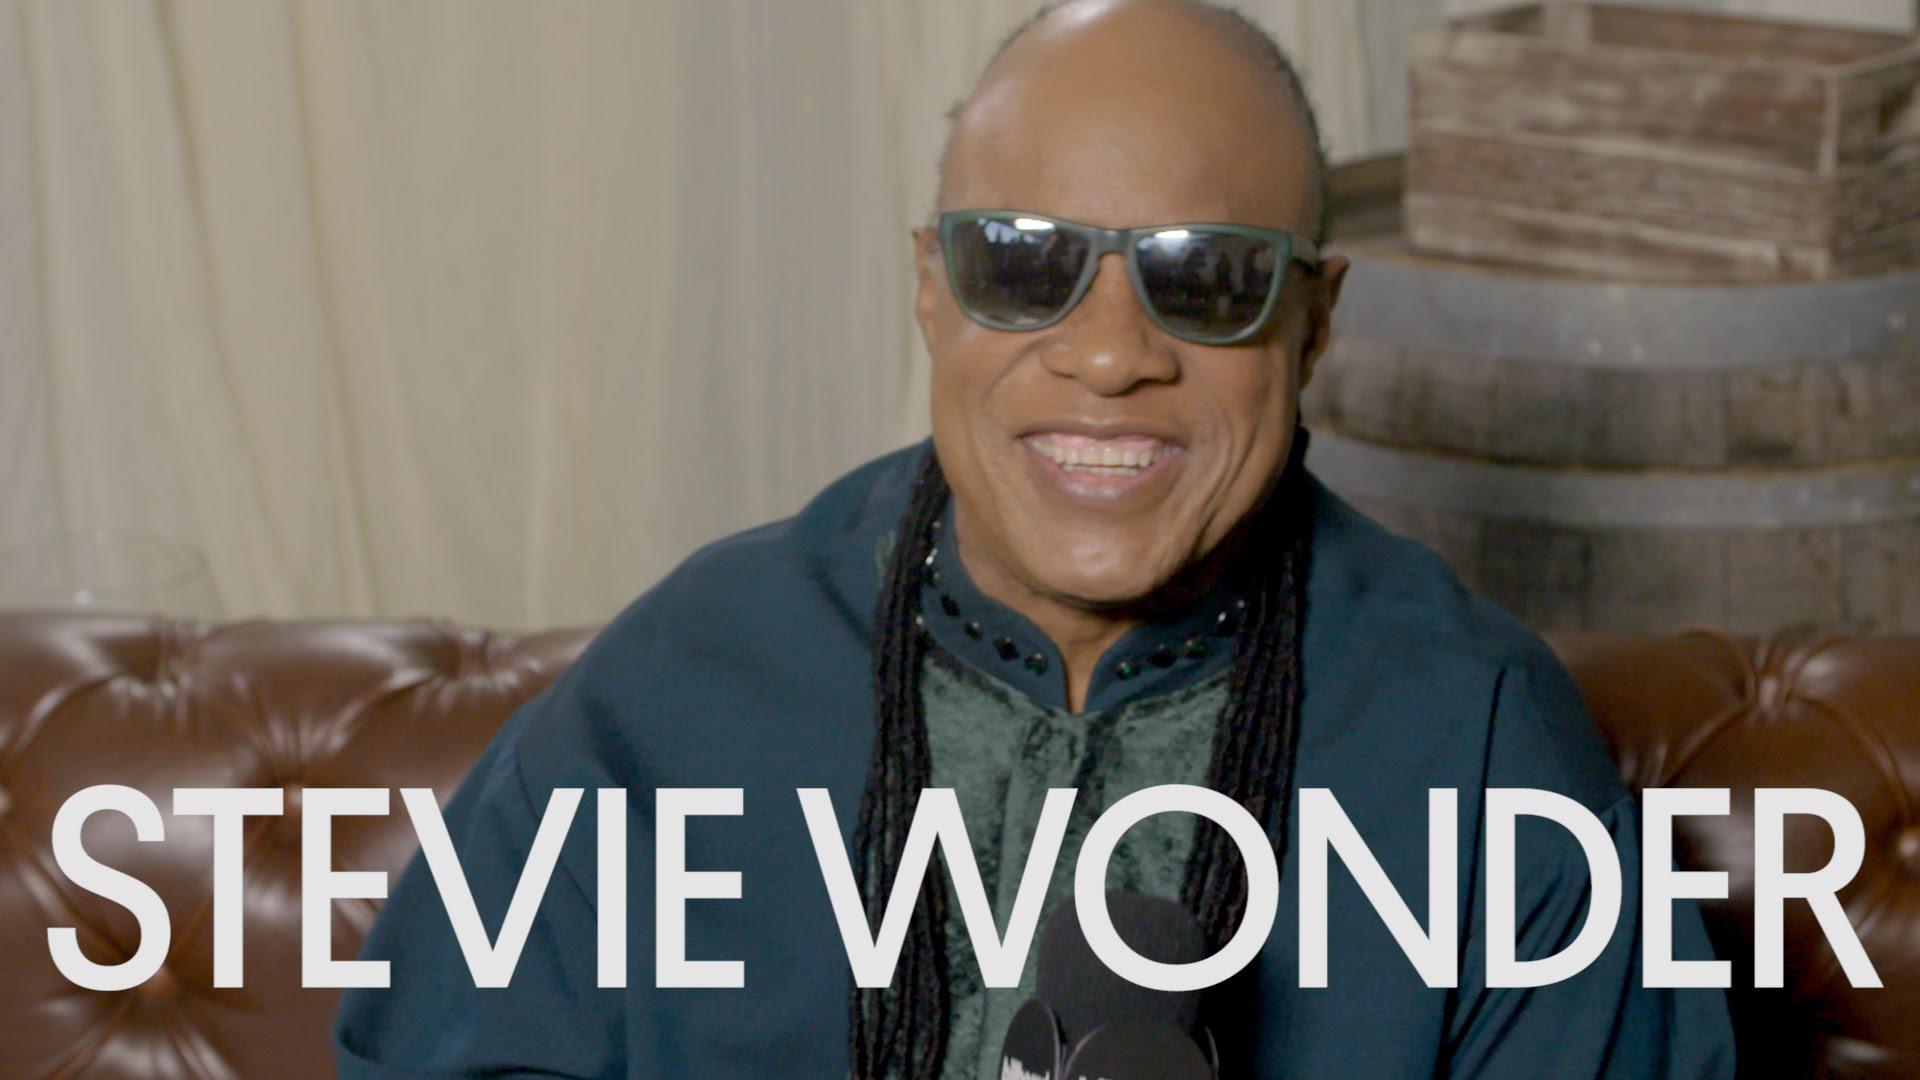 Stevie Wonder-Through The Eyes of Wonder